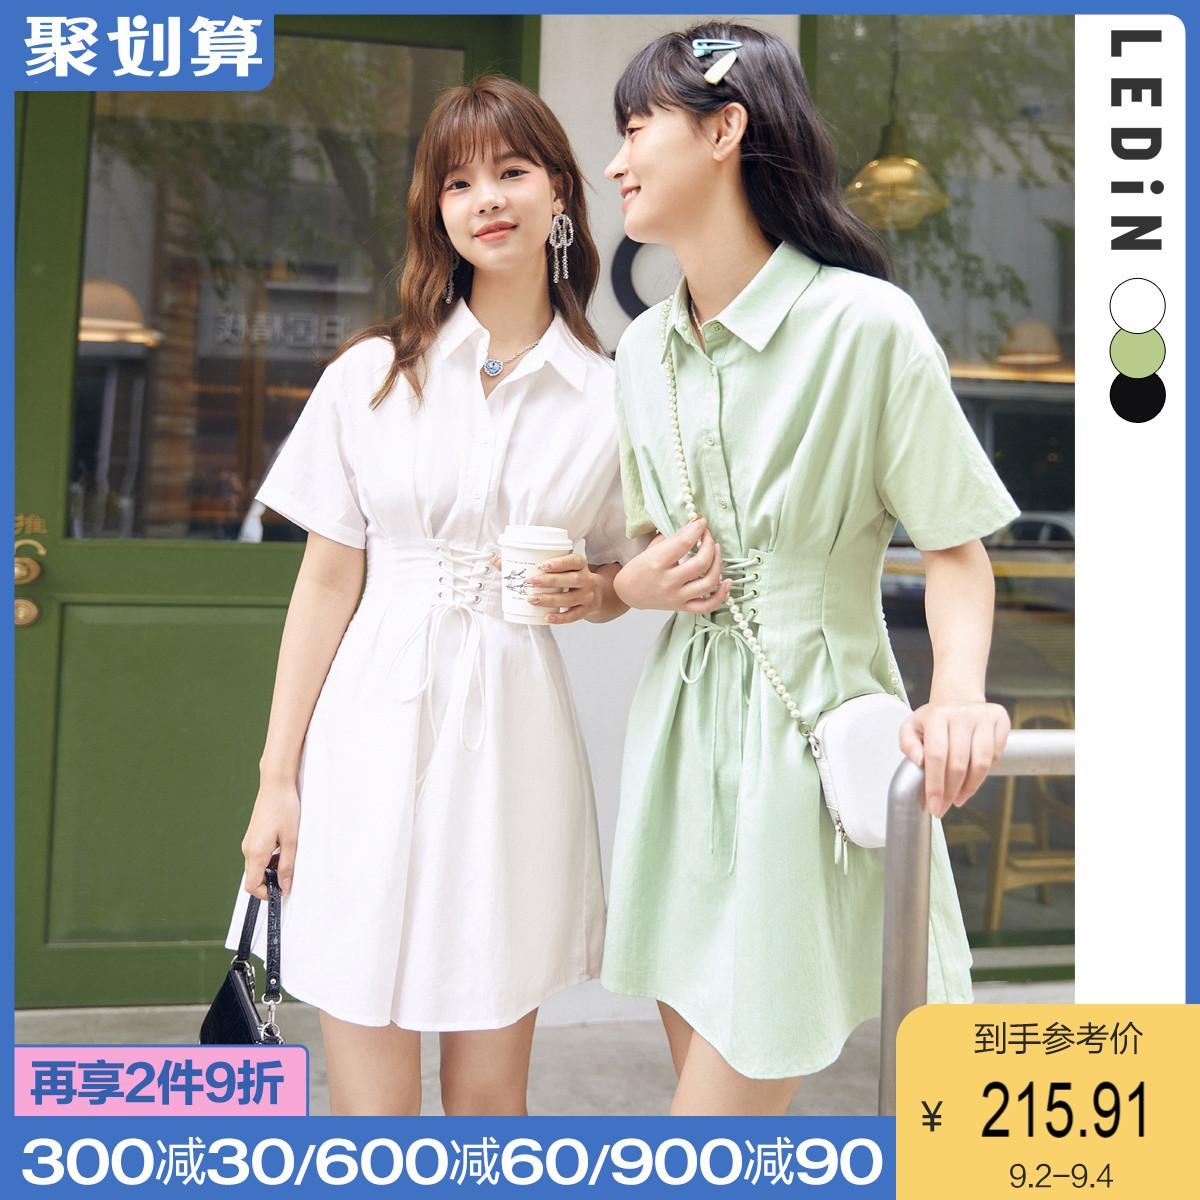 【新品】乐町气质连衣裙2021夏黑色白色裙子女收腰新款设计感薄款